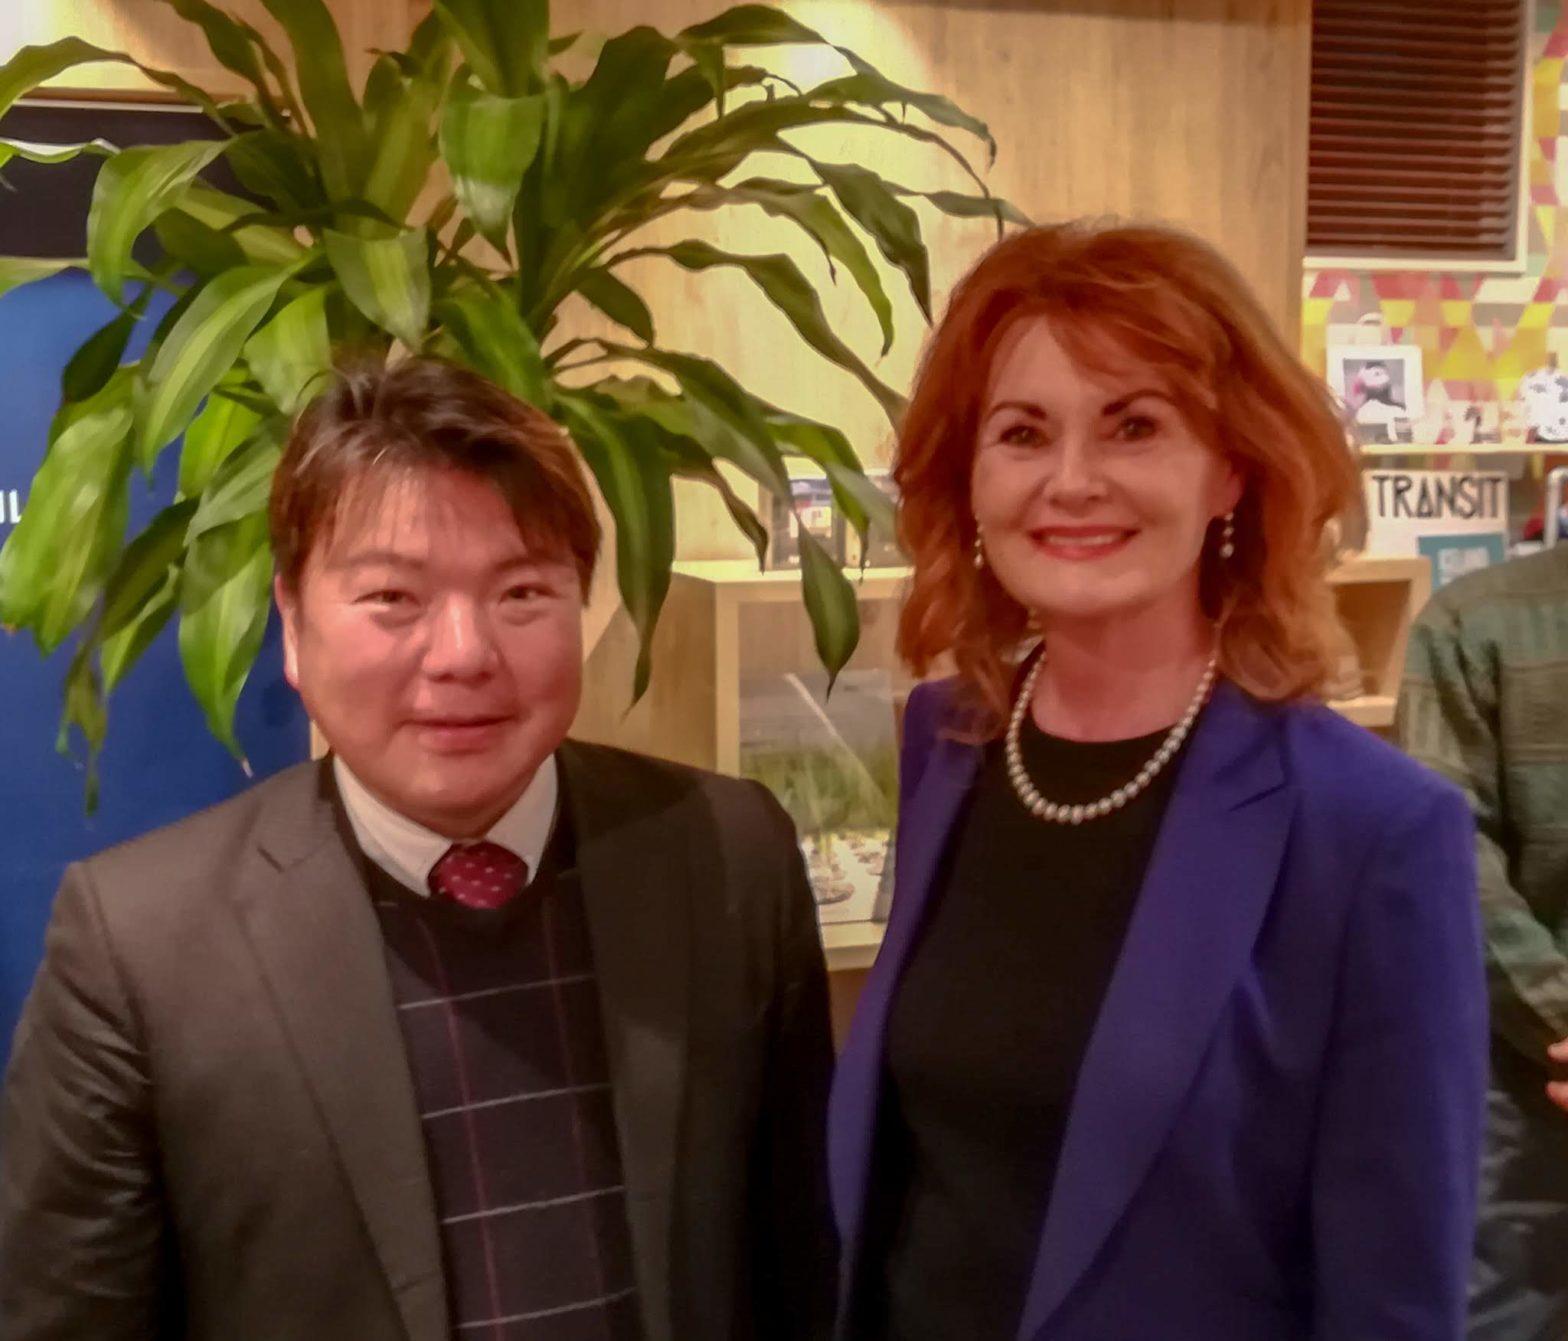 アイスランド共和国大使エリン・フリゲンリング閣下(Her Excellency Ms. Elin Flygenring)ともに 。榊原平(愛知県安城市)